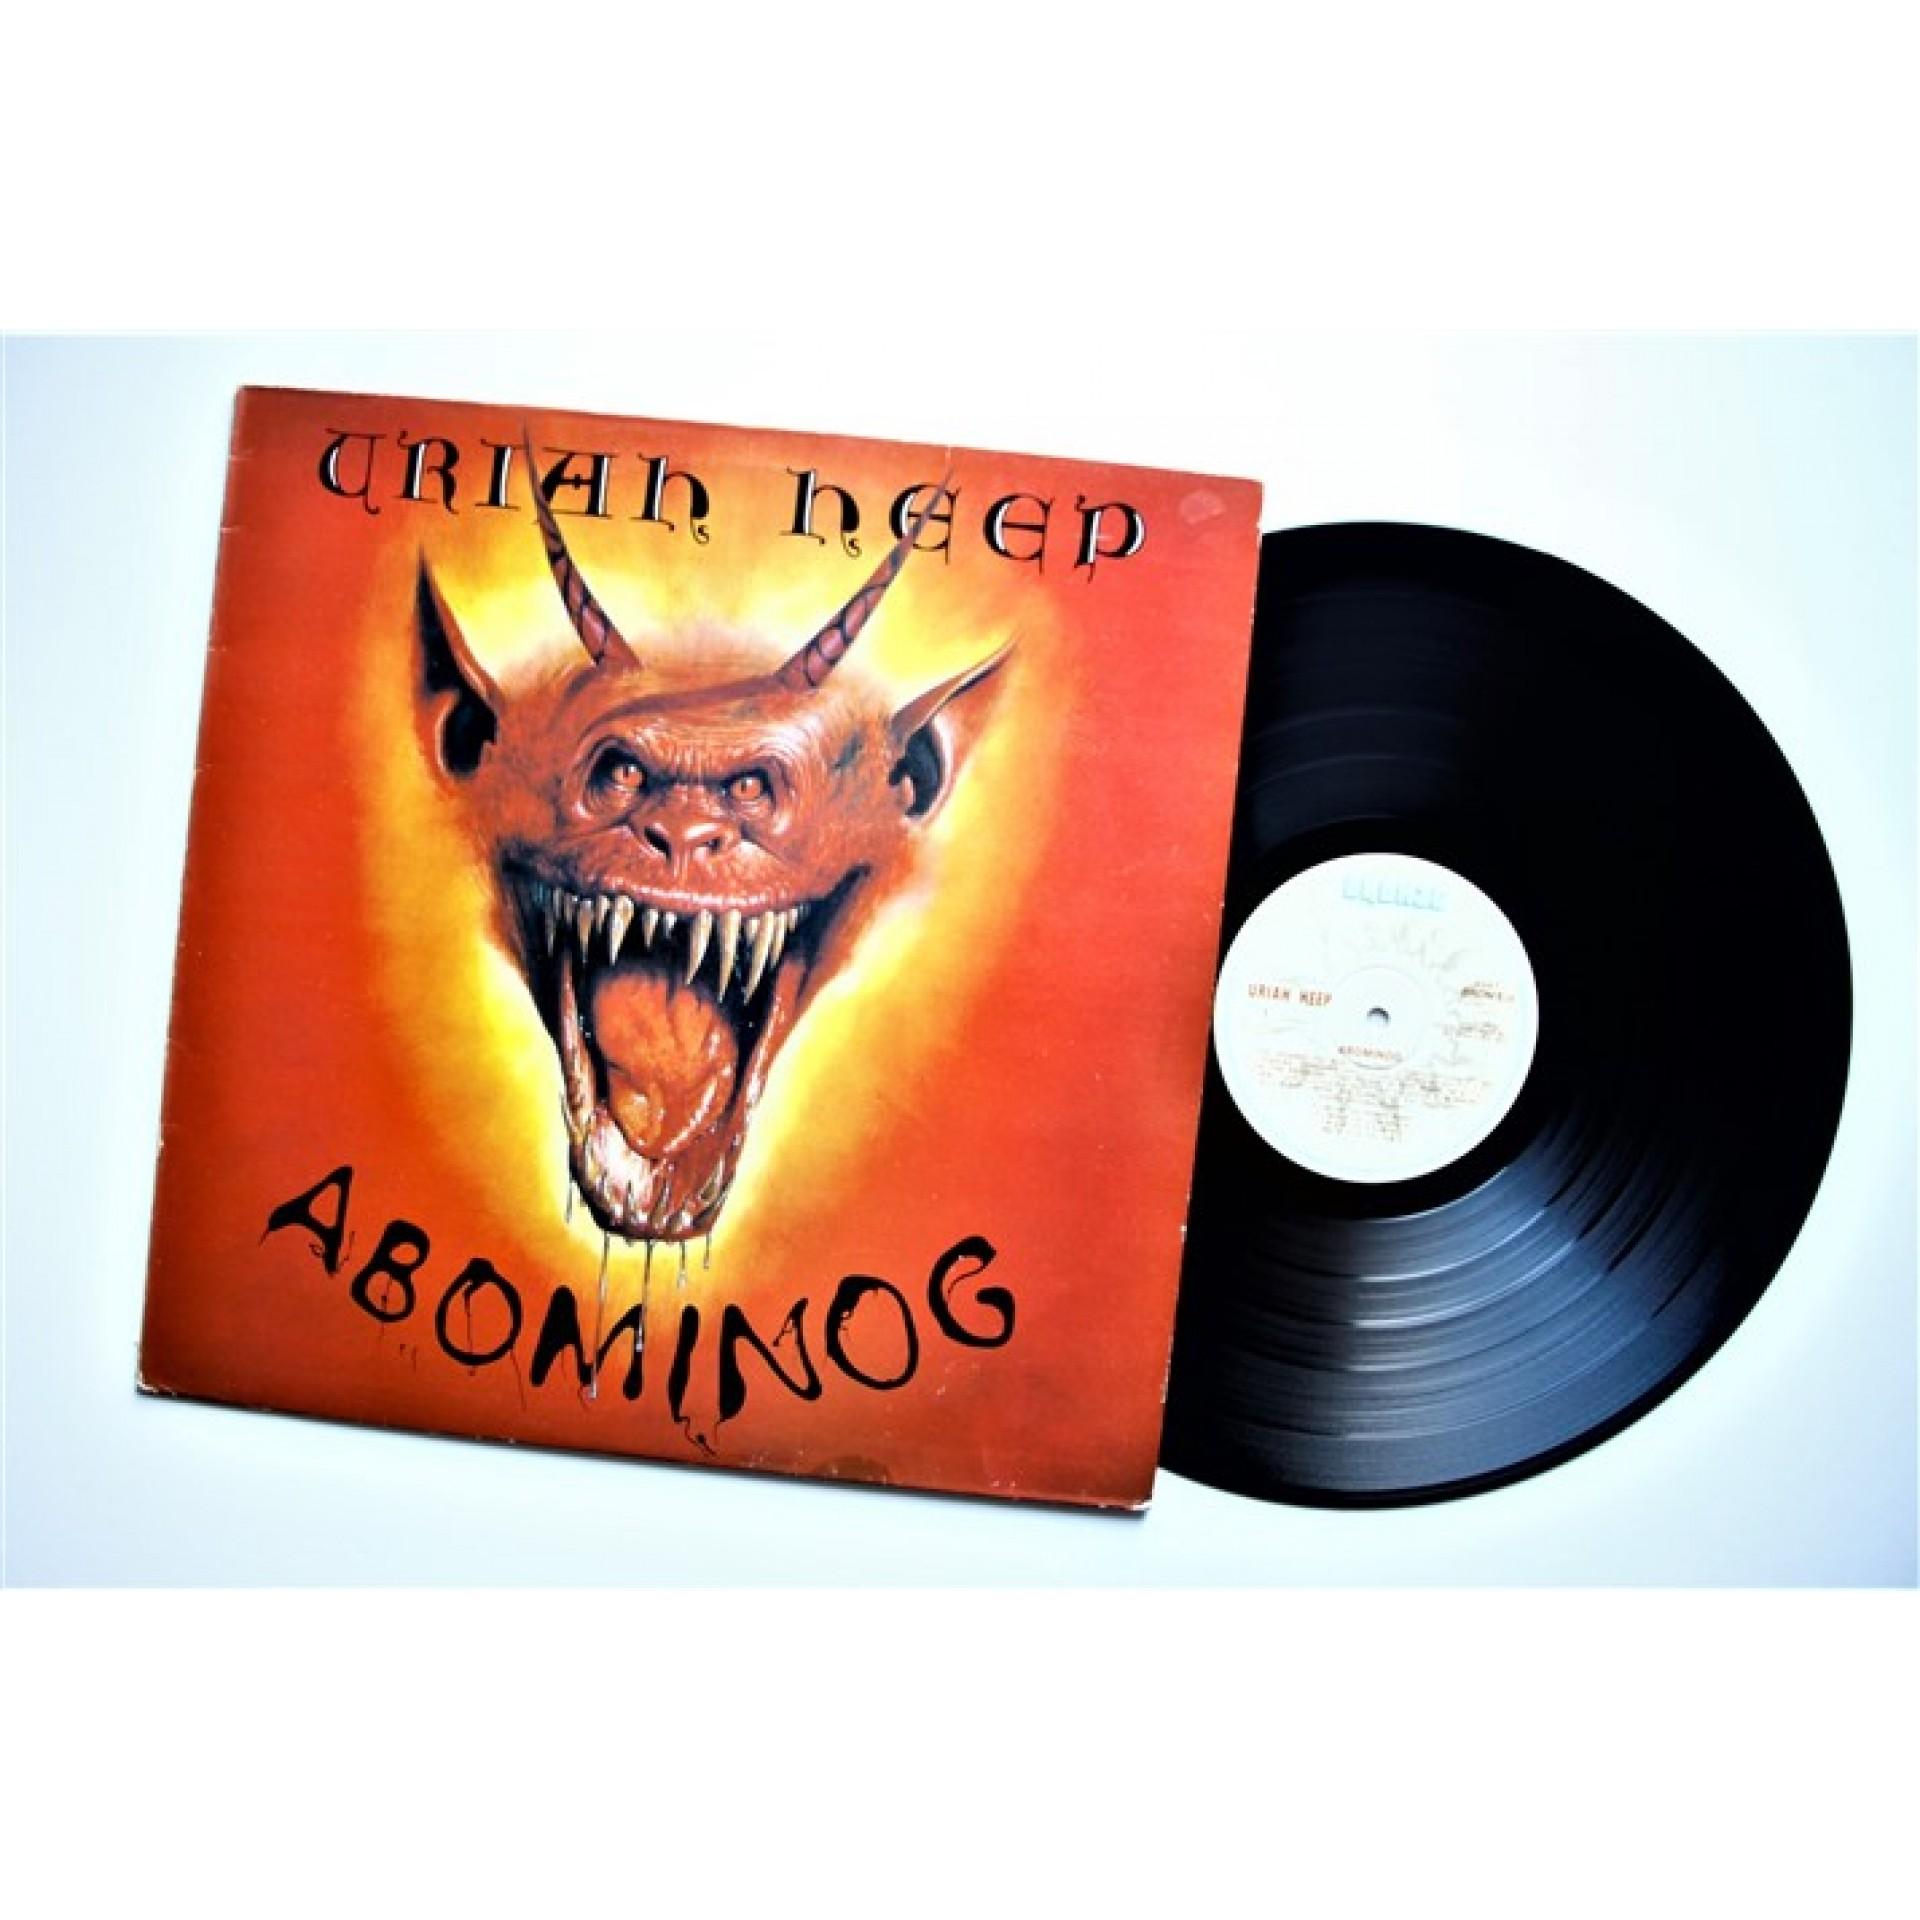 Uriah Heep Abominog Lp Vinyl